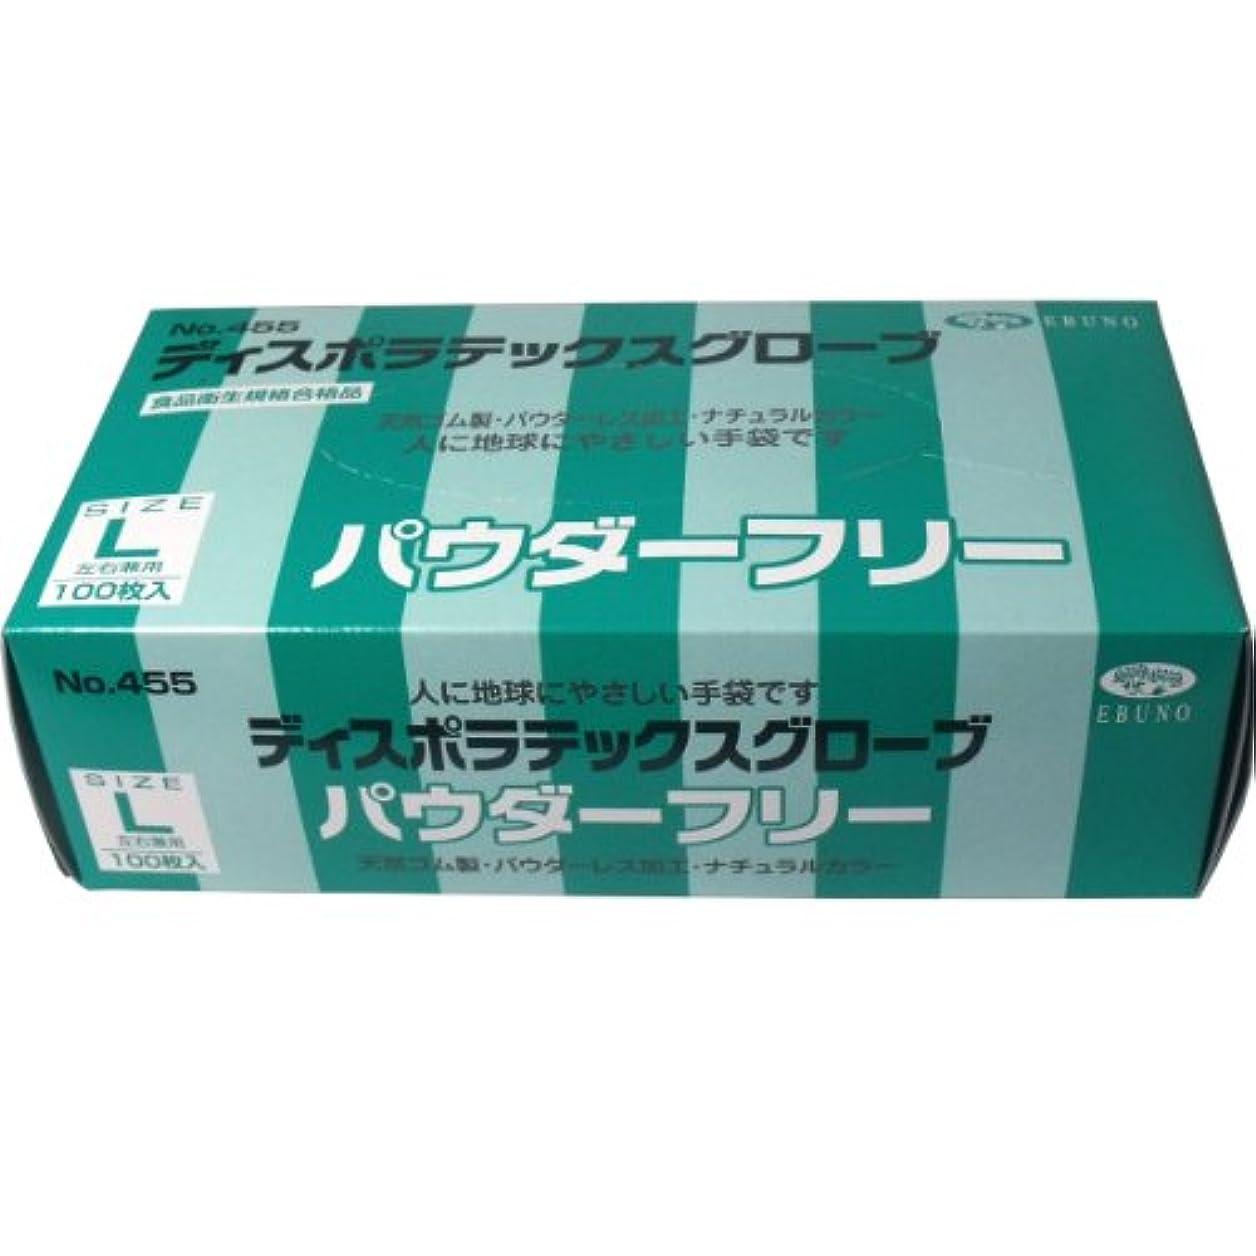 ビヨンファイルデータディスポ ラテックスグローブ(天然ゴム手袋) パウダーフリー Lサイズ 100枚入【4個セット】